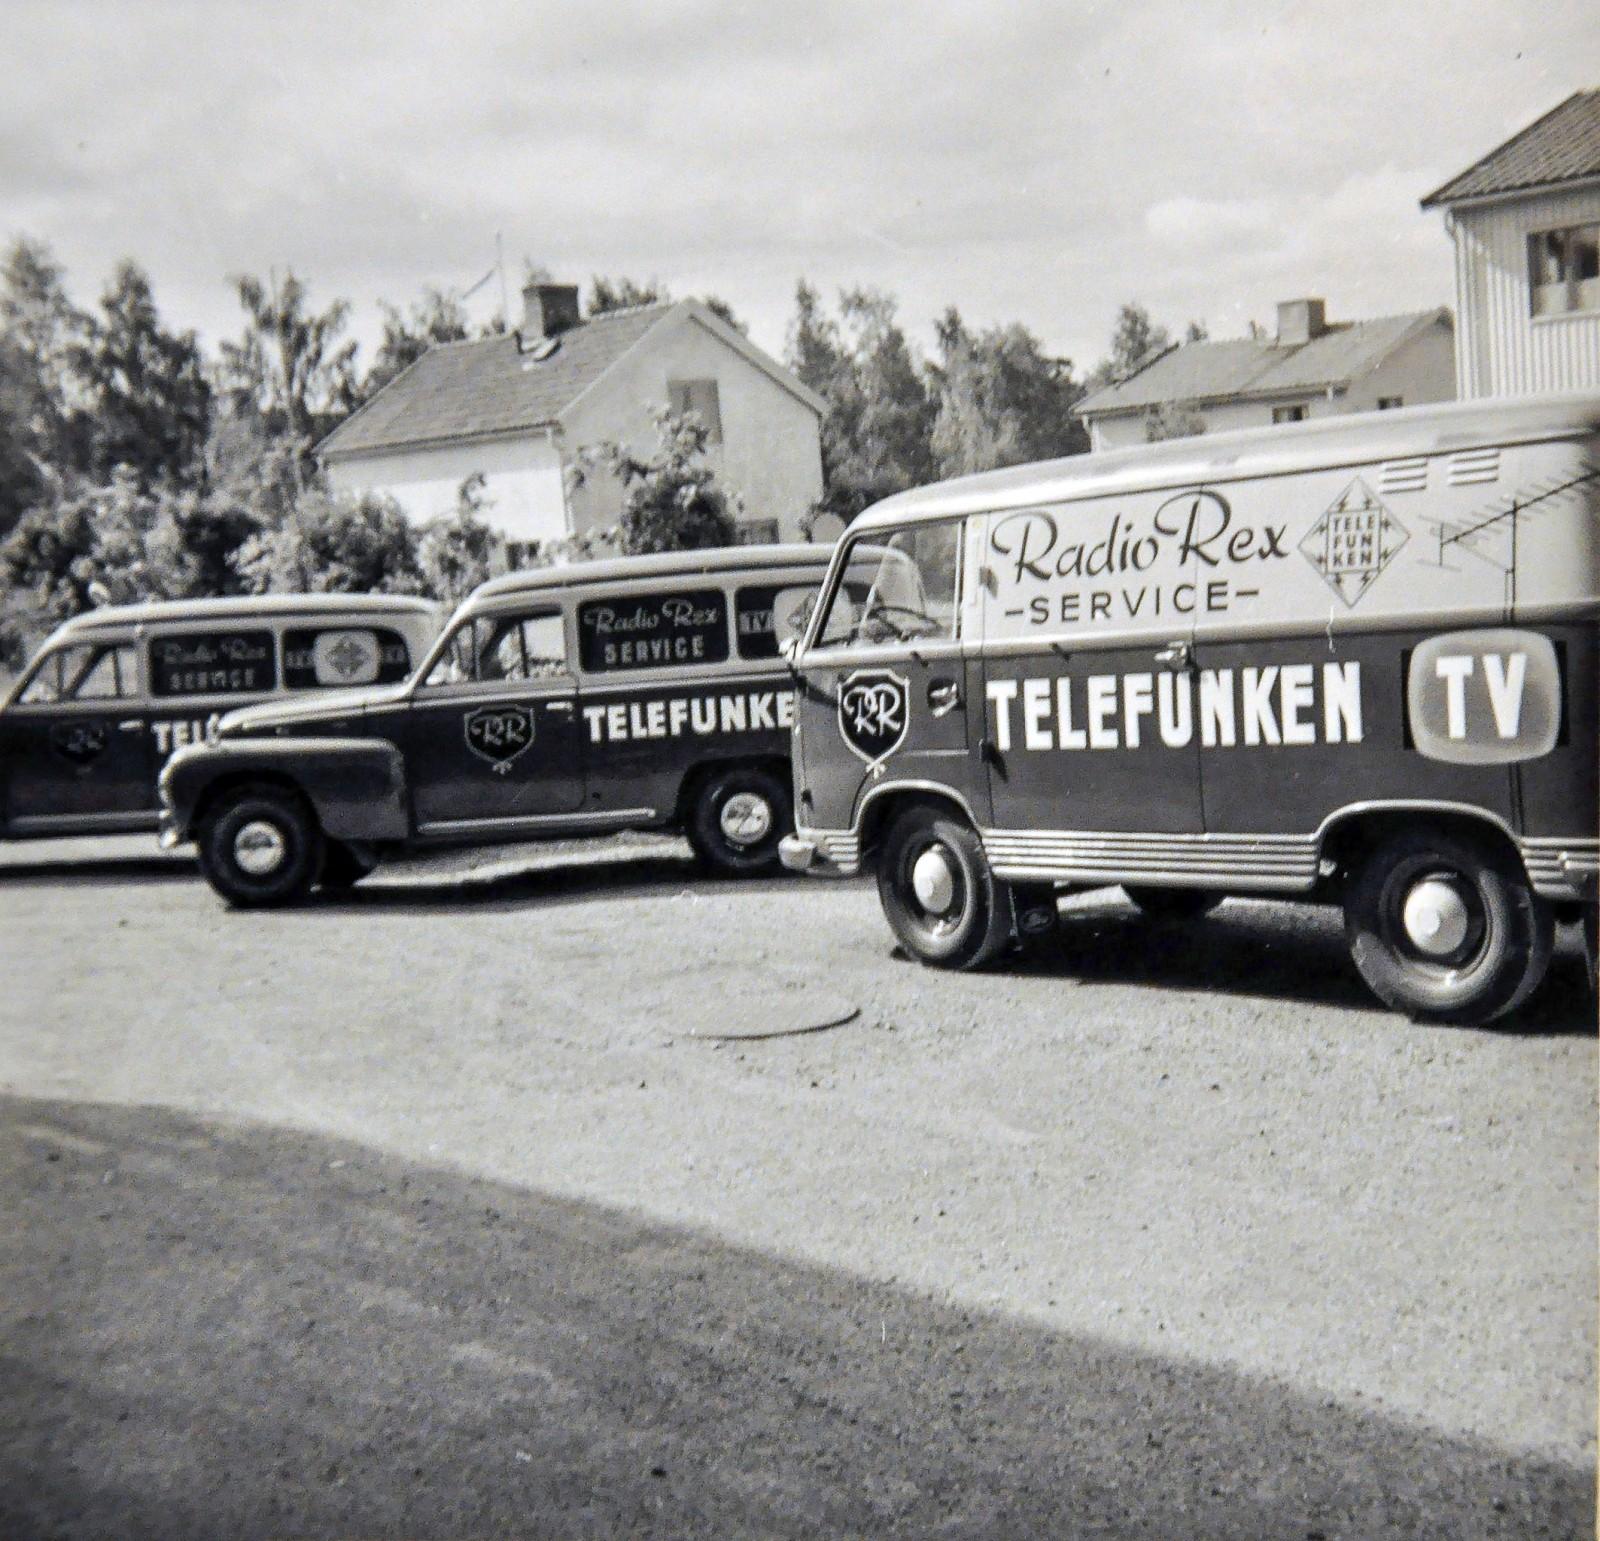 Rex Radio-service. Två Duetter och en Ford Taunus Transit – vilken uppställning!